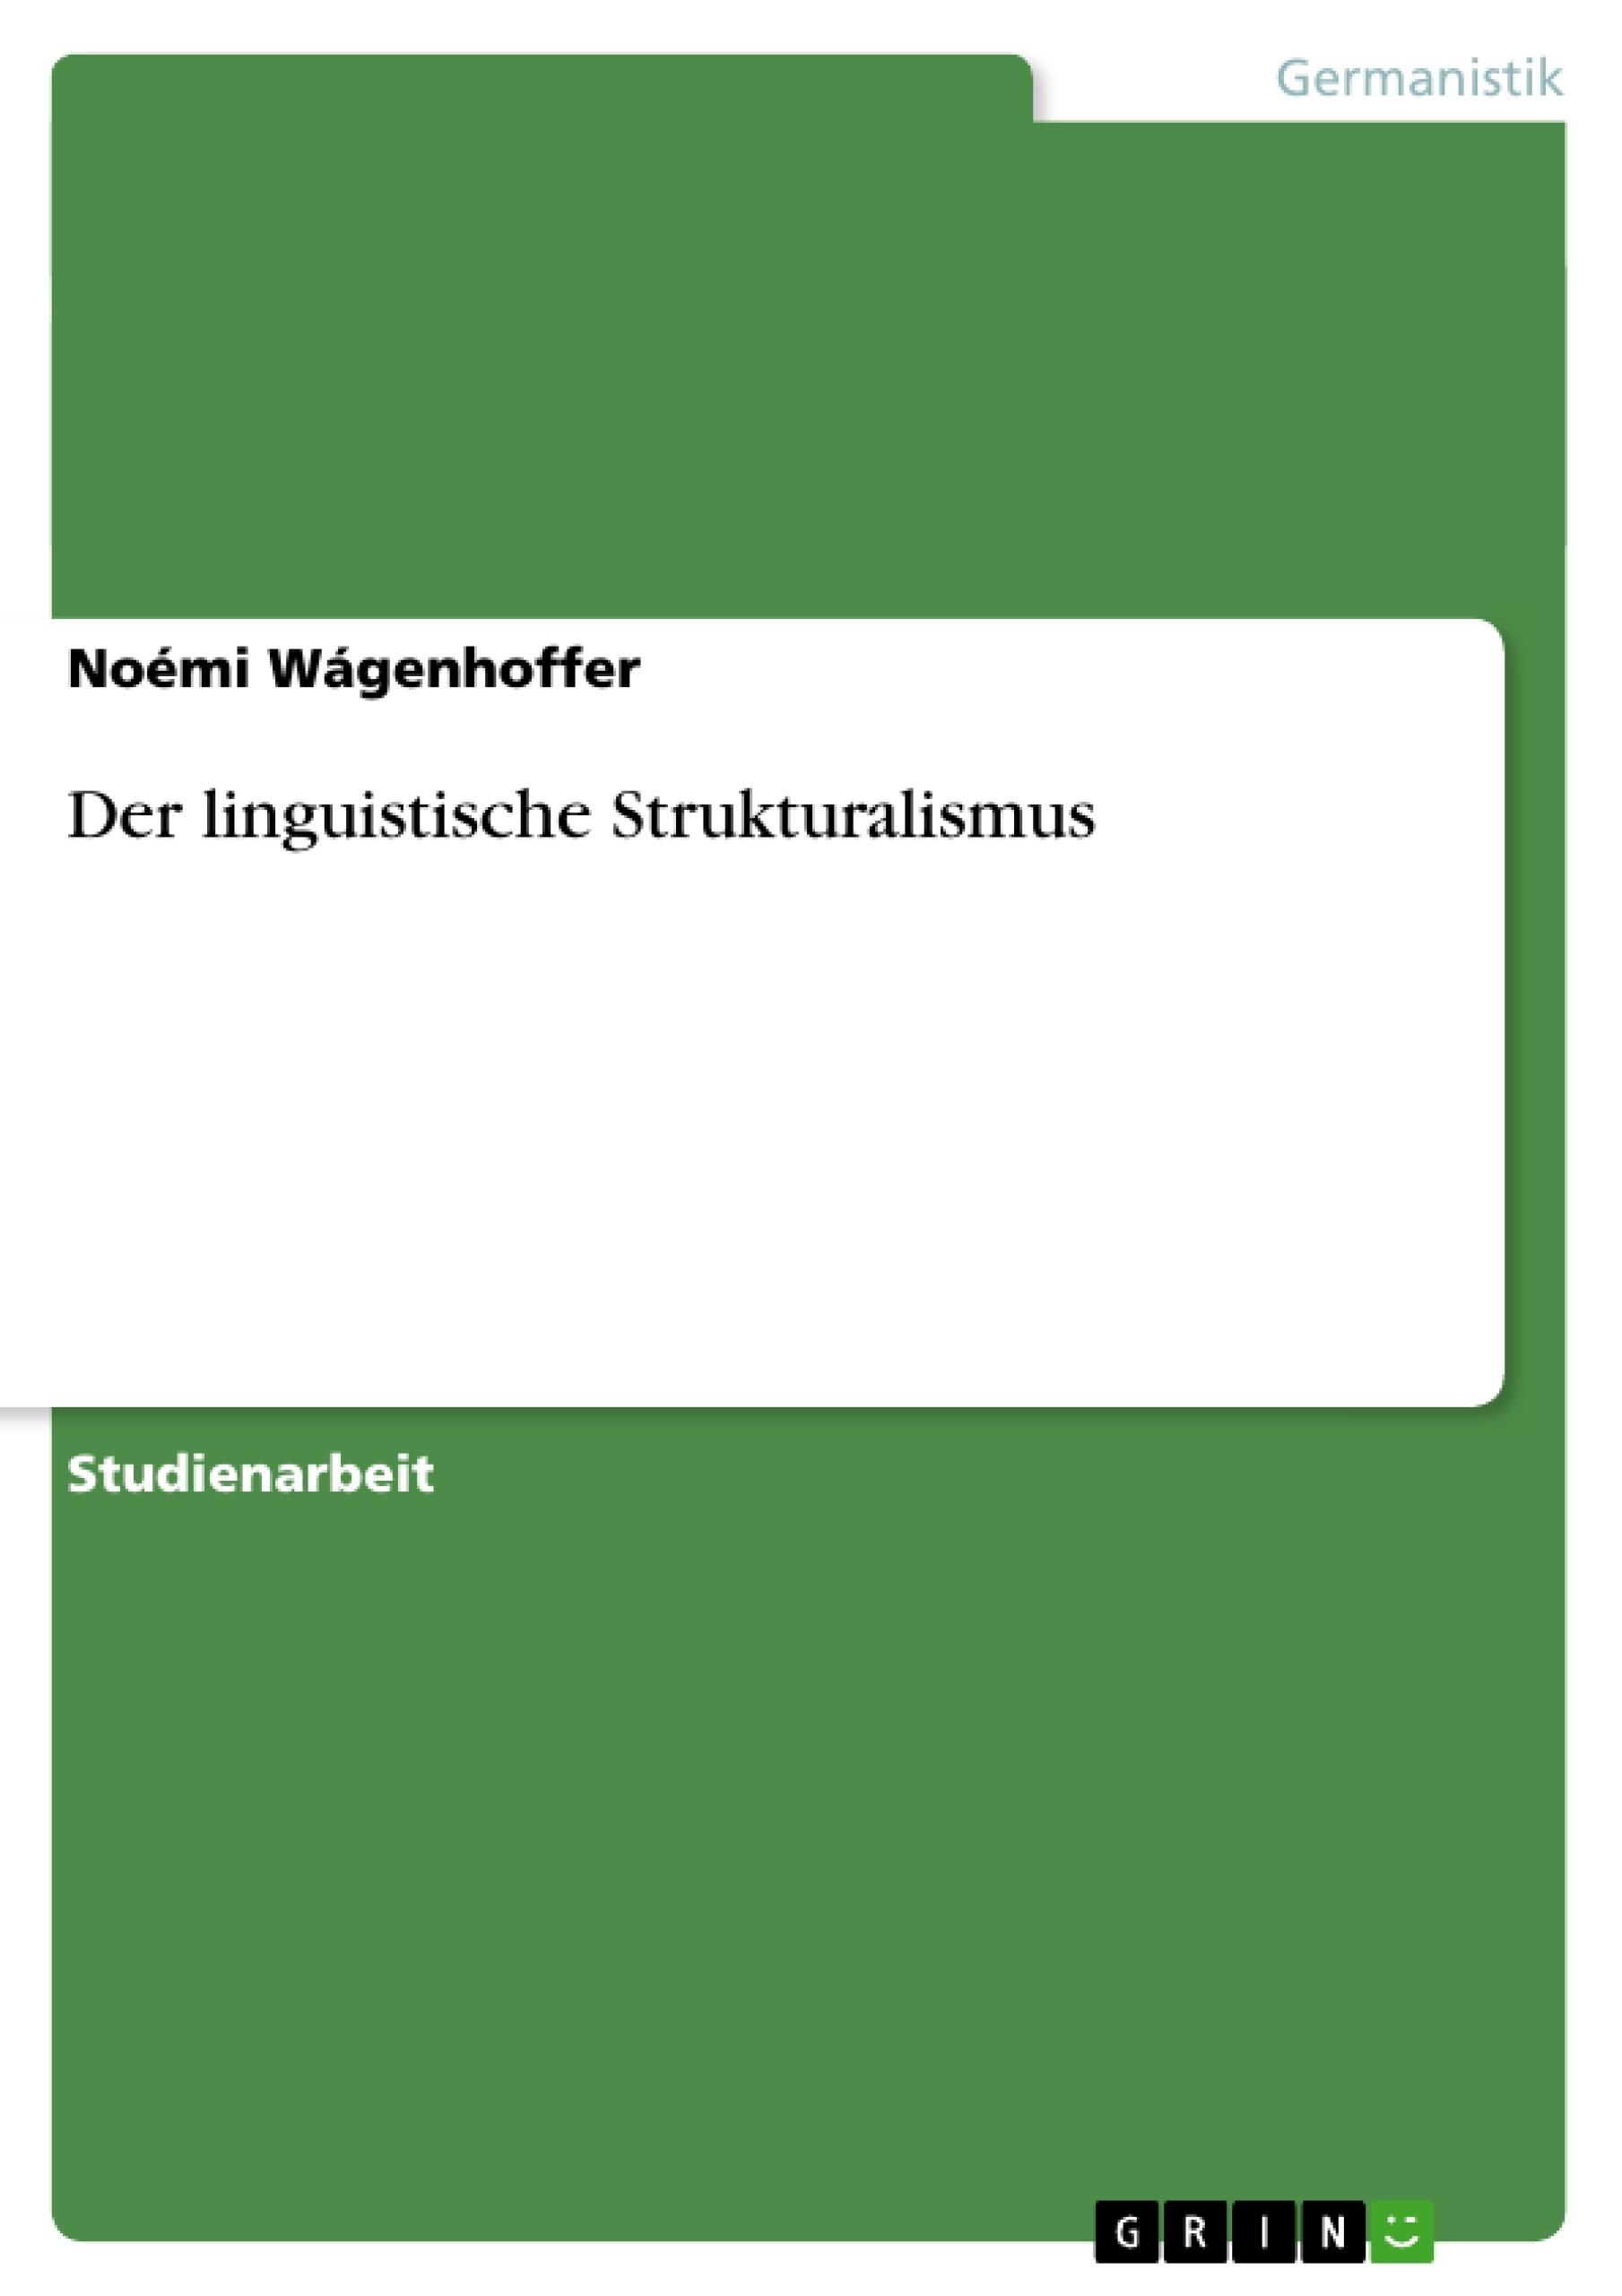 Titel: Der linguistische Strukturalismus